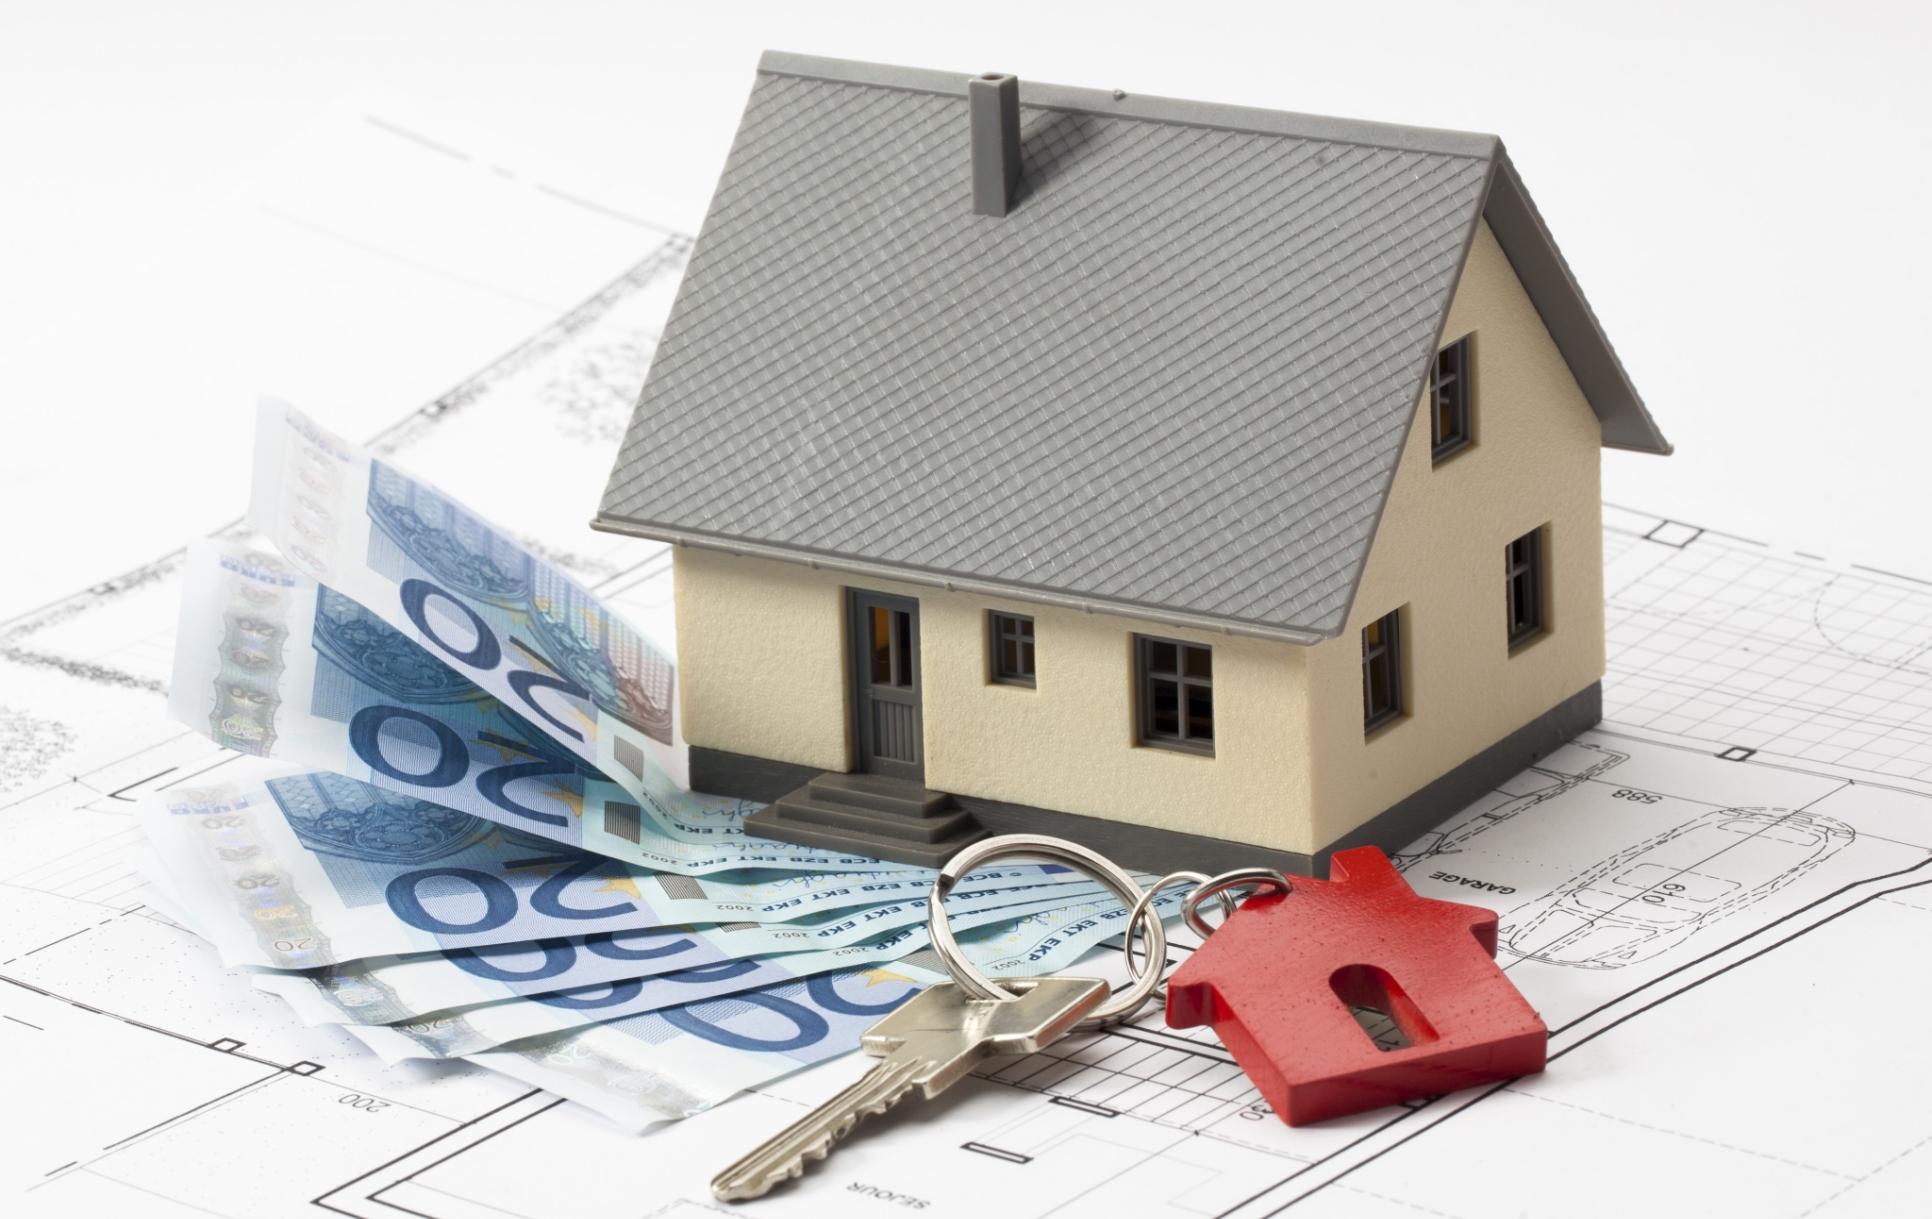 Mutui Surroga: Top 10 di Offerte a Tasso Fisso e Variabile